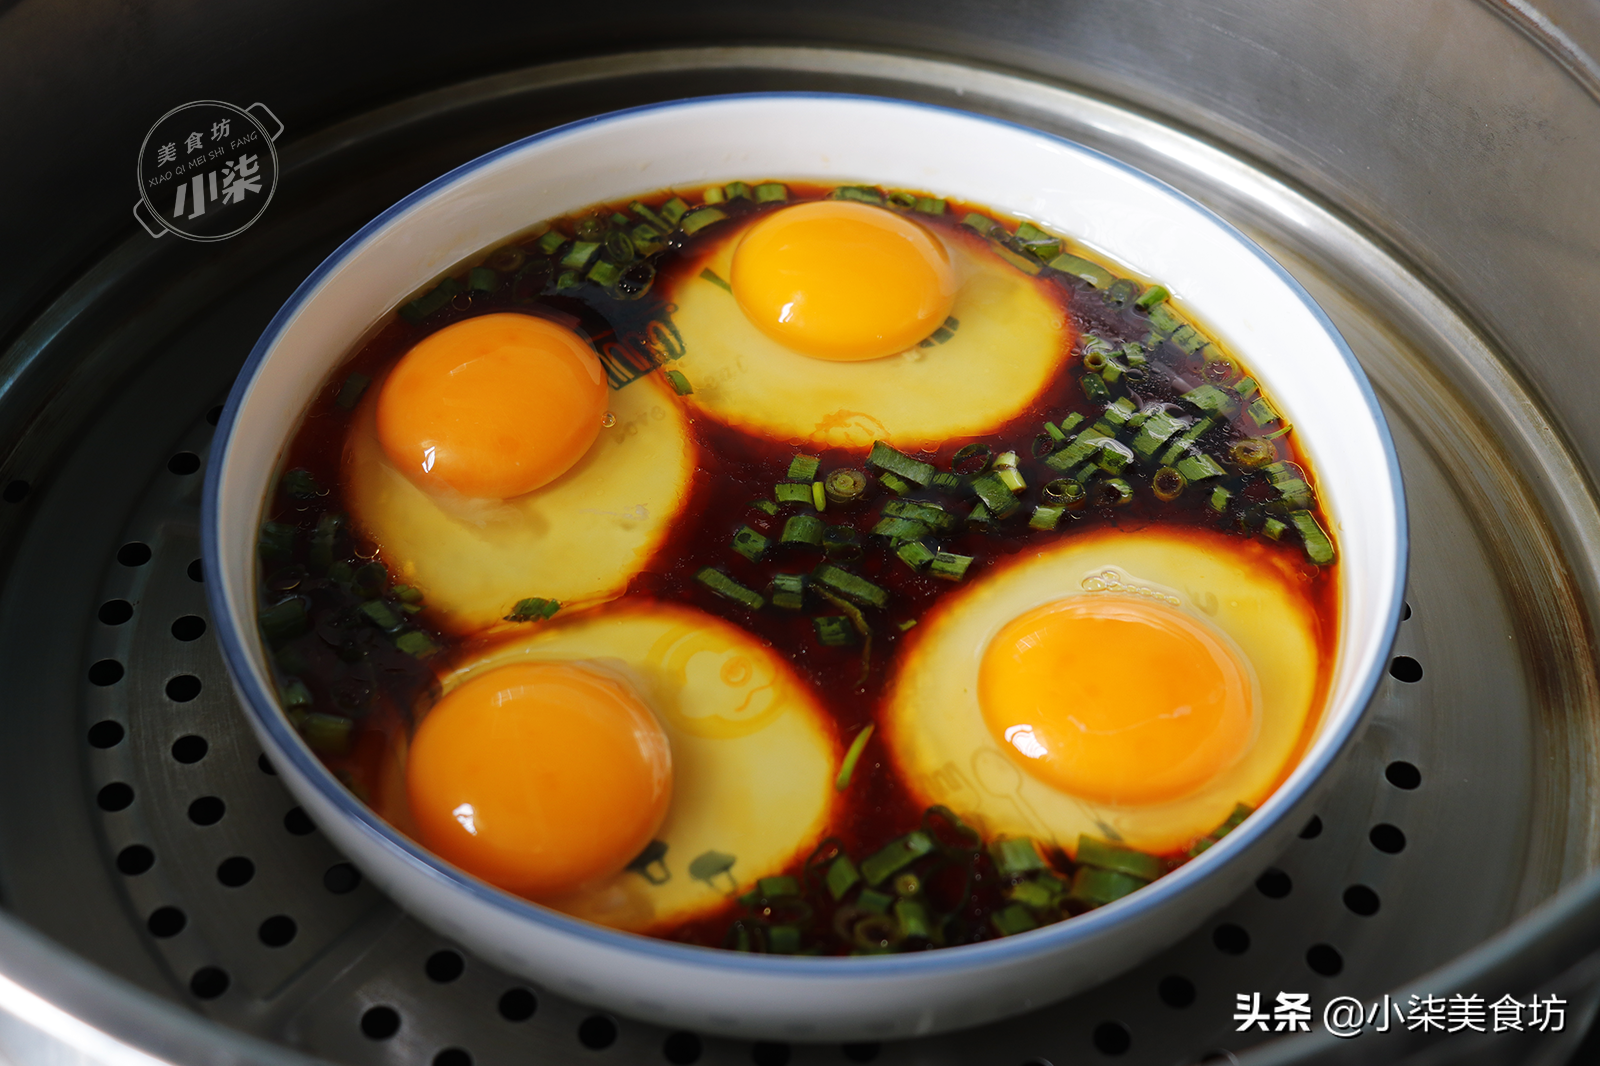 4個雞蛋打盤裡,這種做法火了,我家一周至少吃5次,當菜又當飯